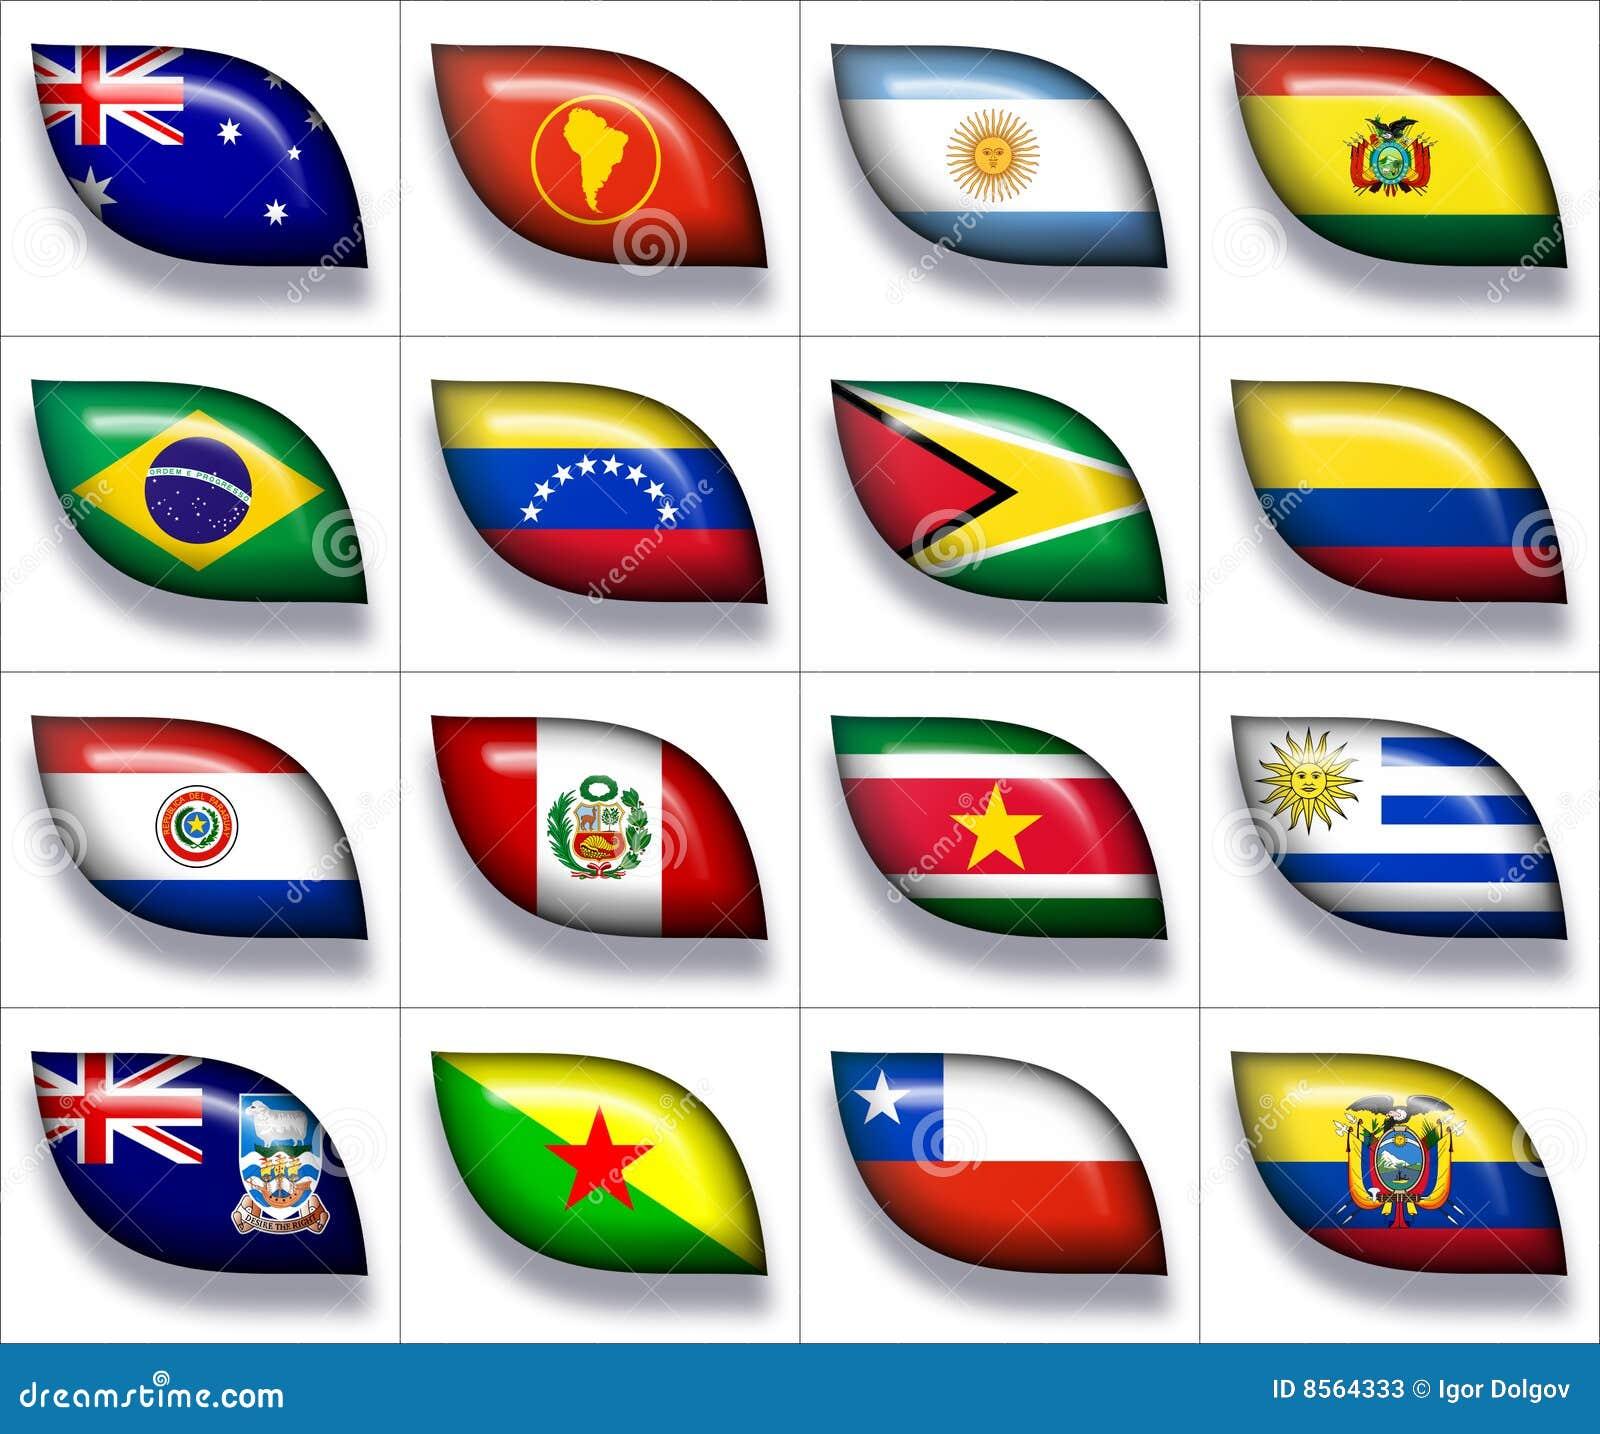 Bandeiras de Austrália & de Ámérica do Sul 2